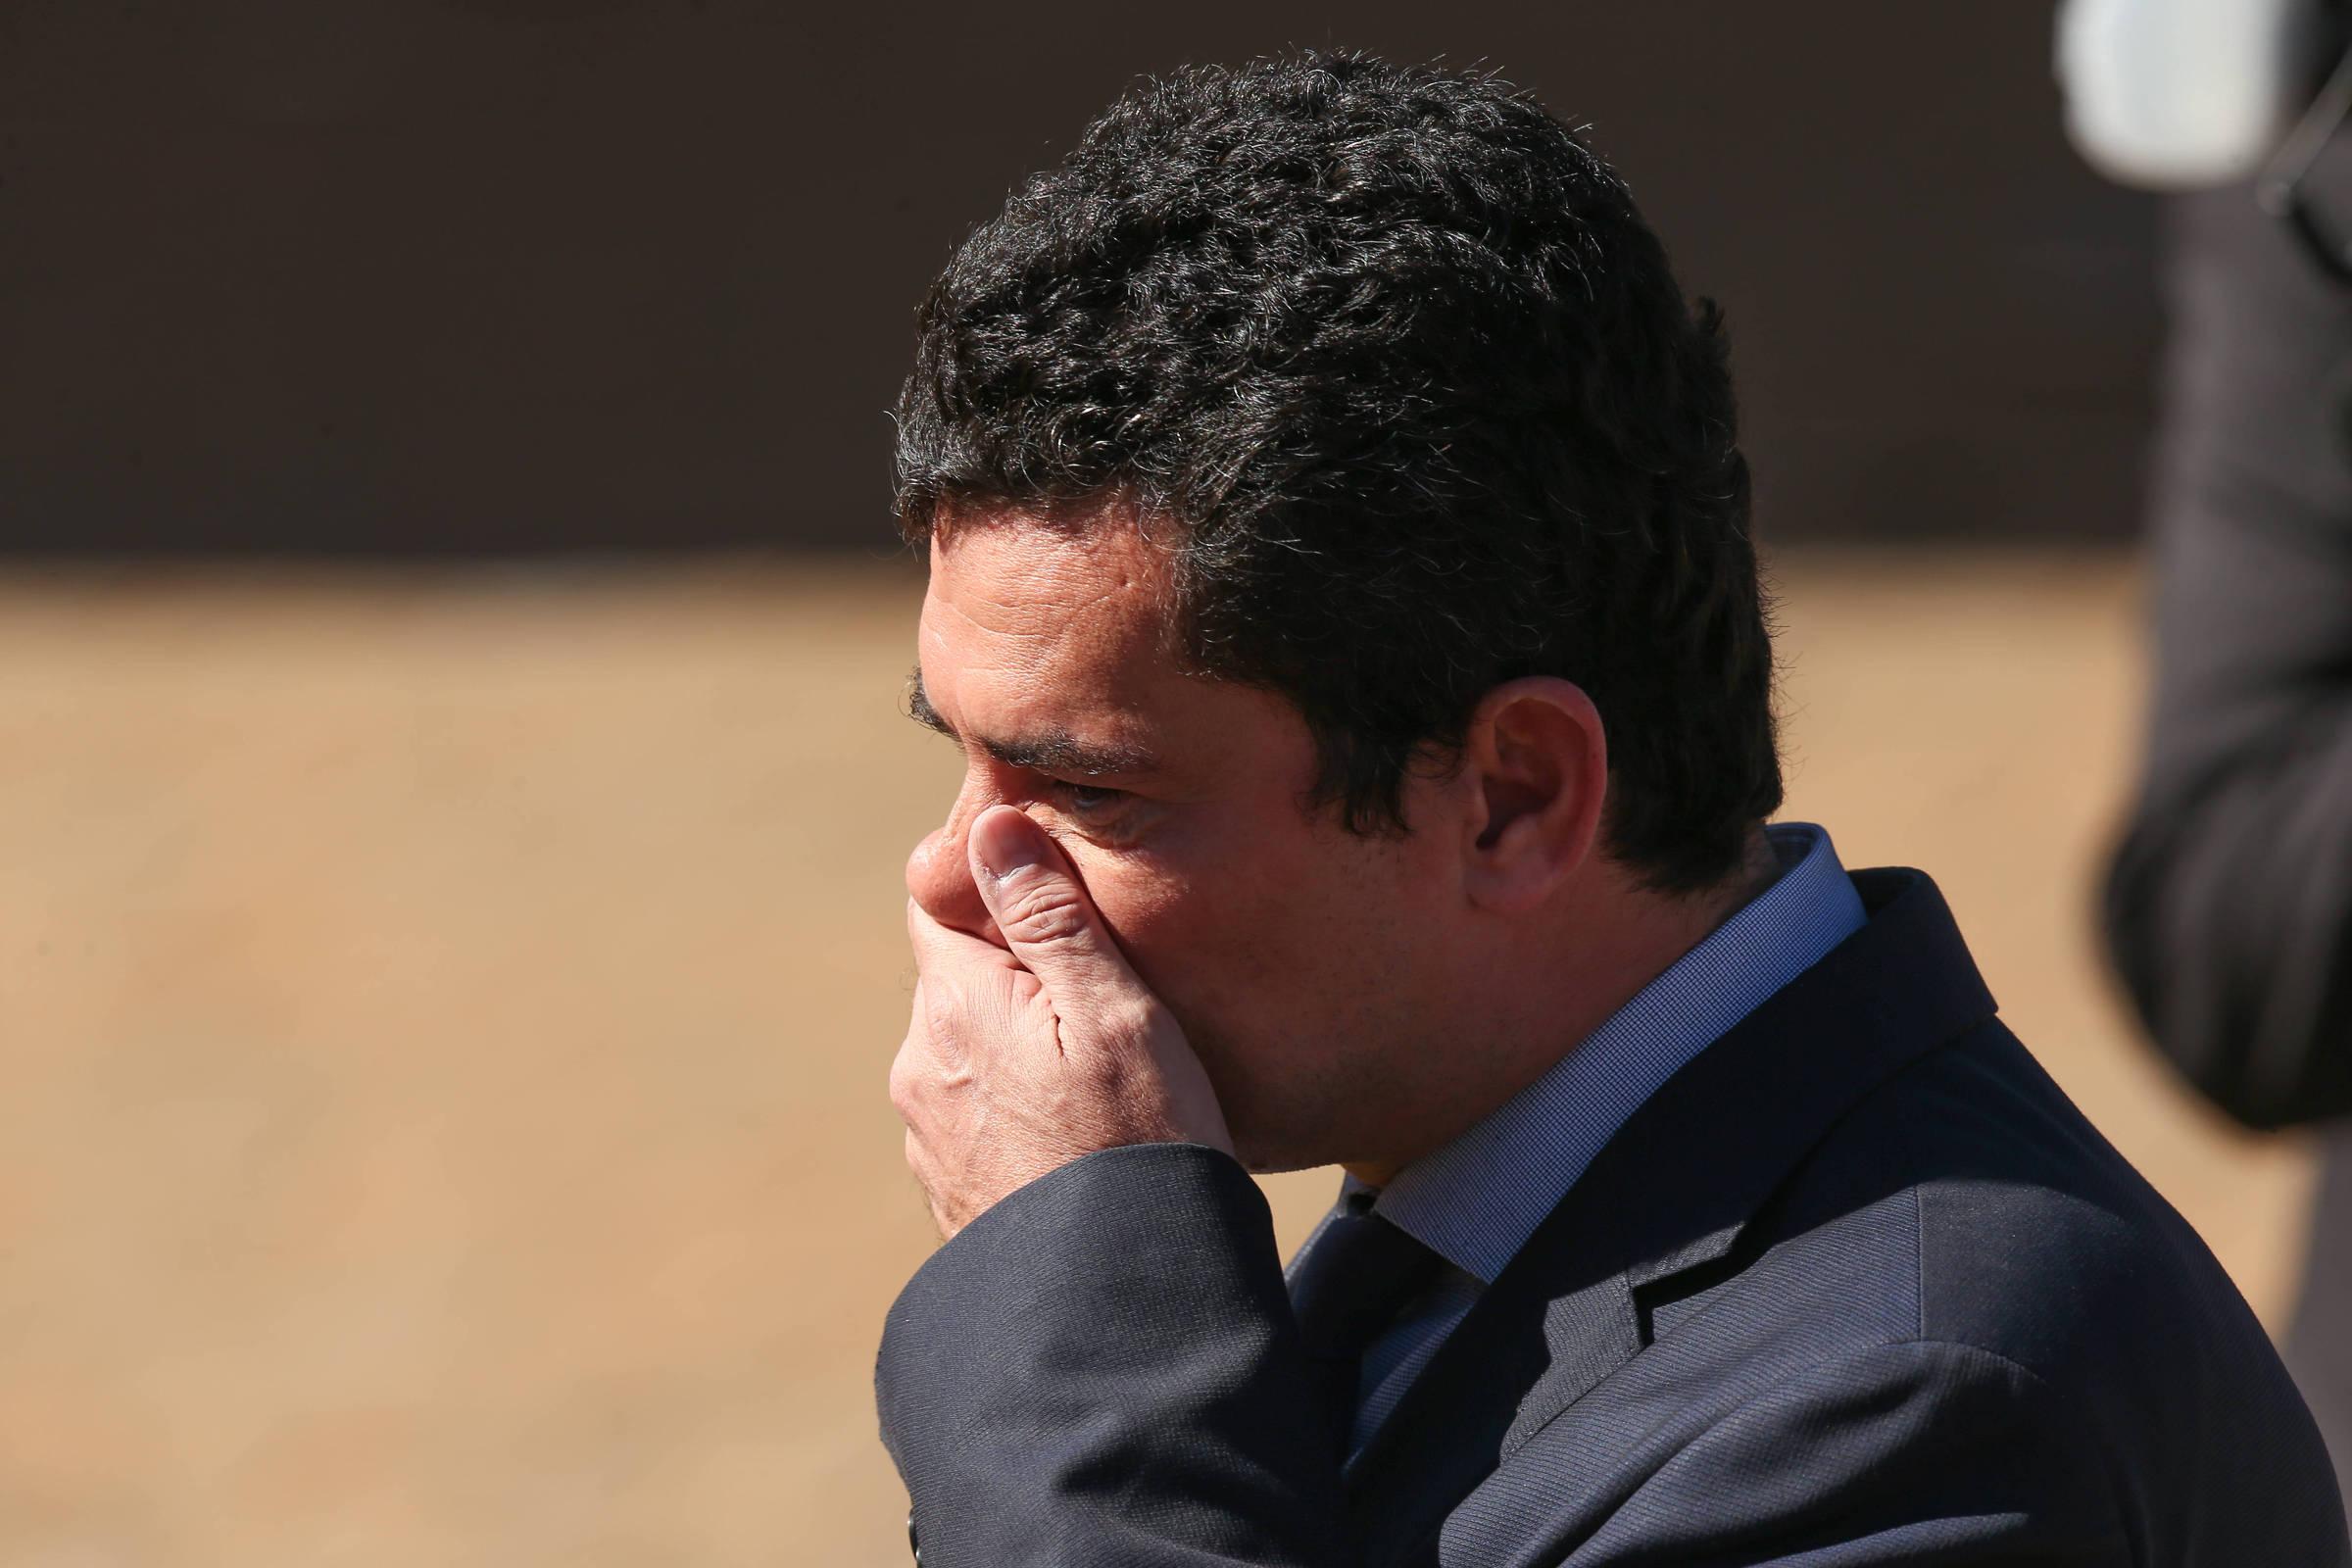 Mensagens vazadas | Cresce pressão no Supremo por suspeição de Moro após vazamento